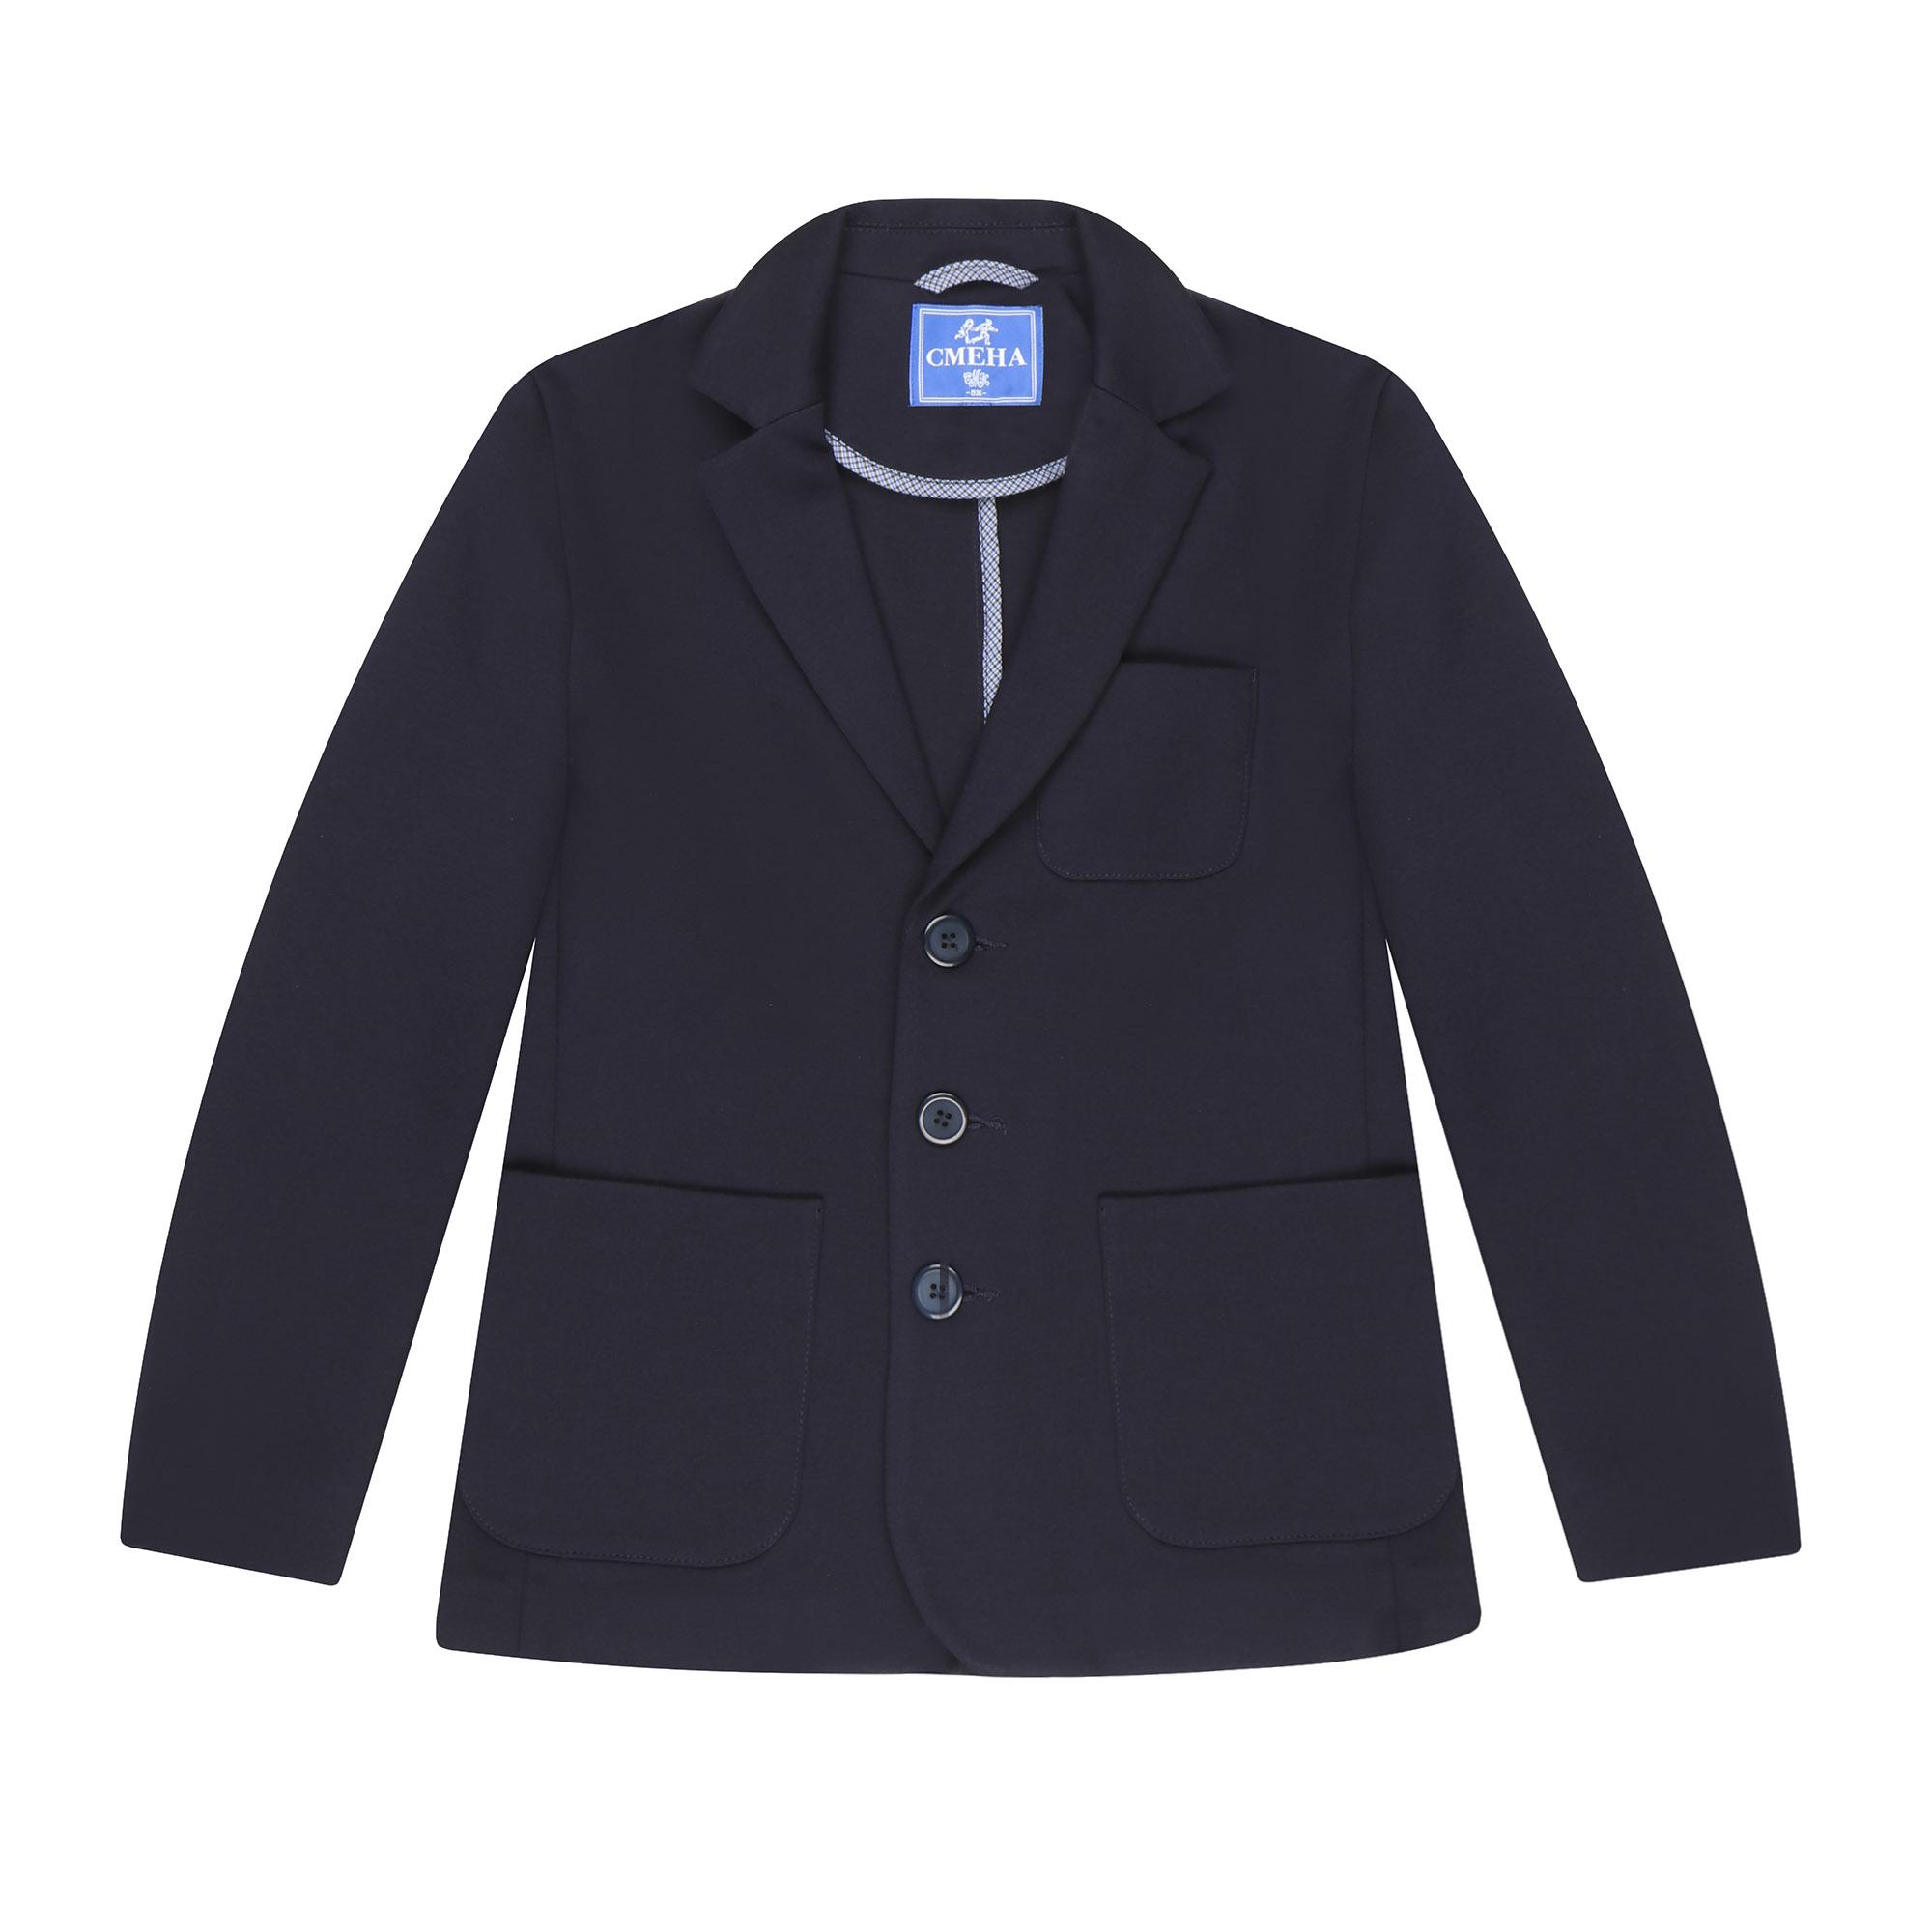 Пиджак школьный для мальчиков Смена синий 140/72, Smena/Смена, Синий, Трикотаж, Для мальчиков,  - купить со скидкой